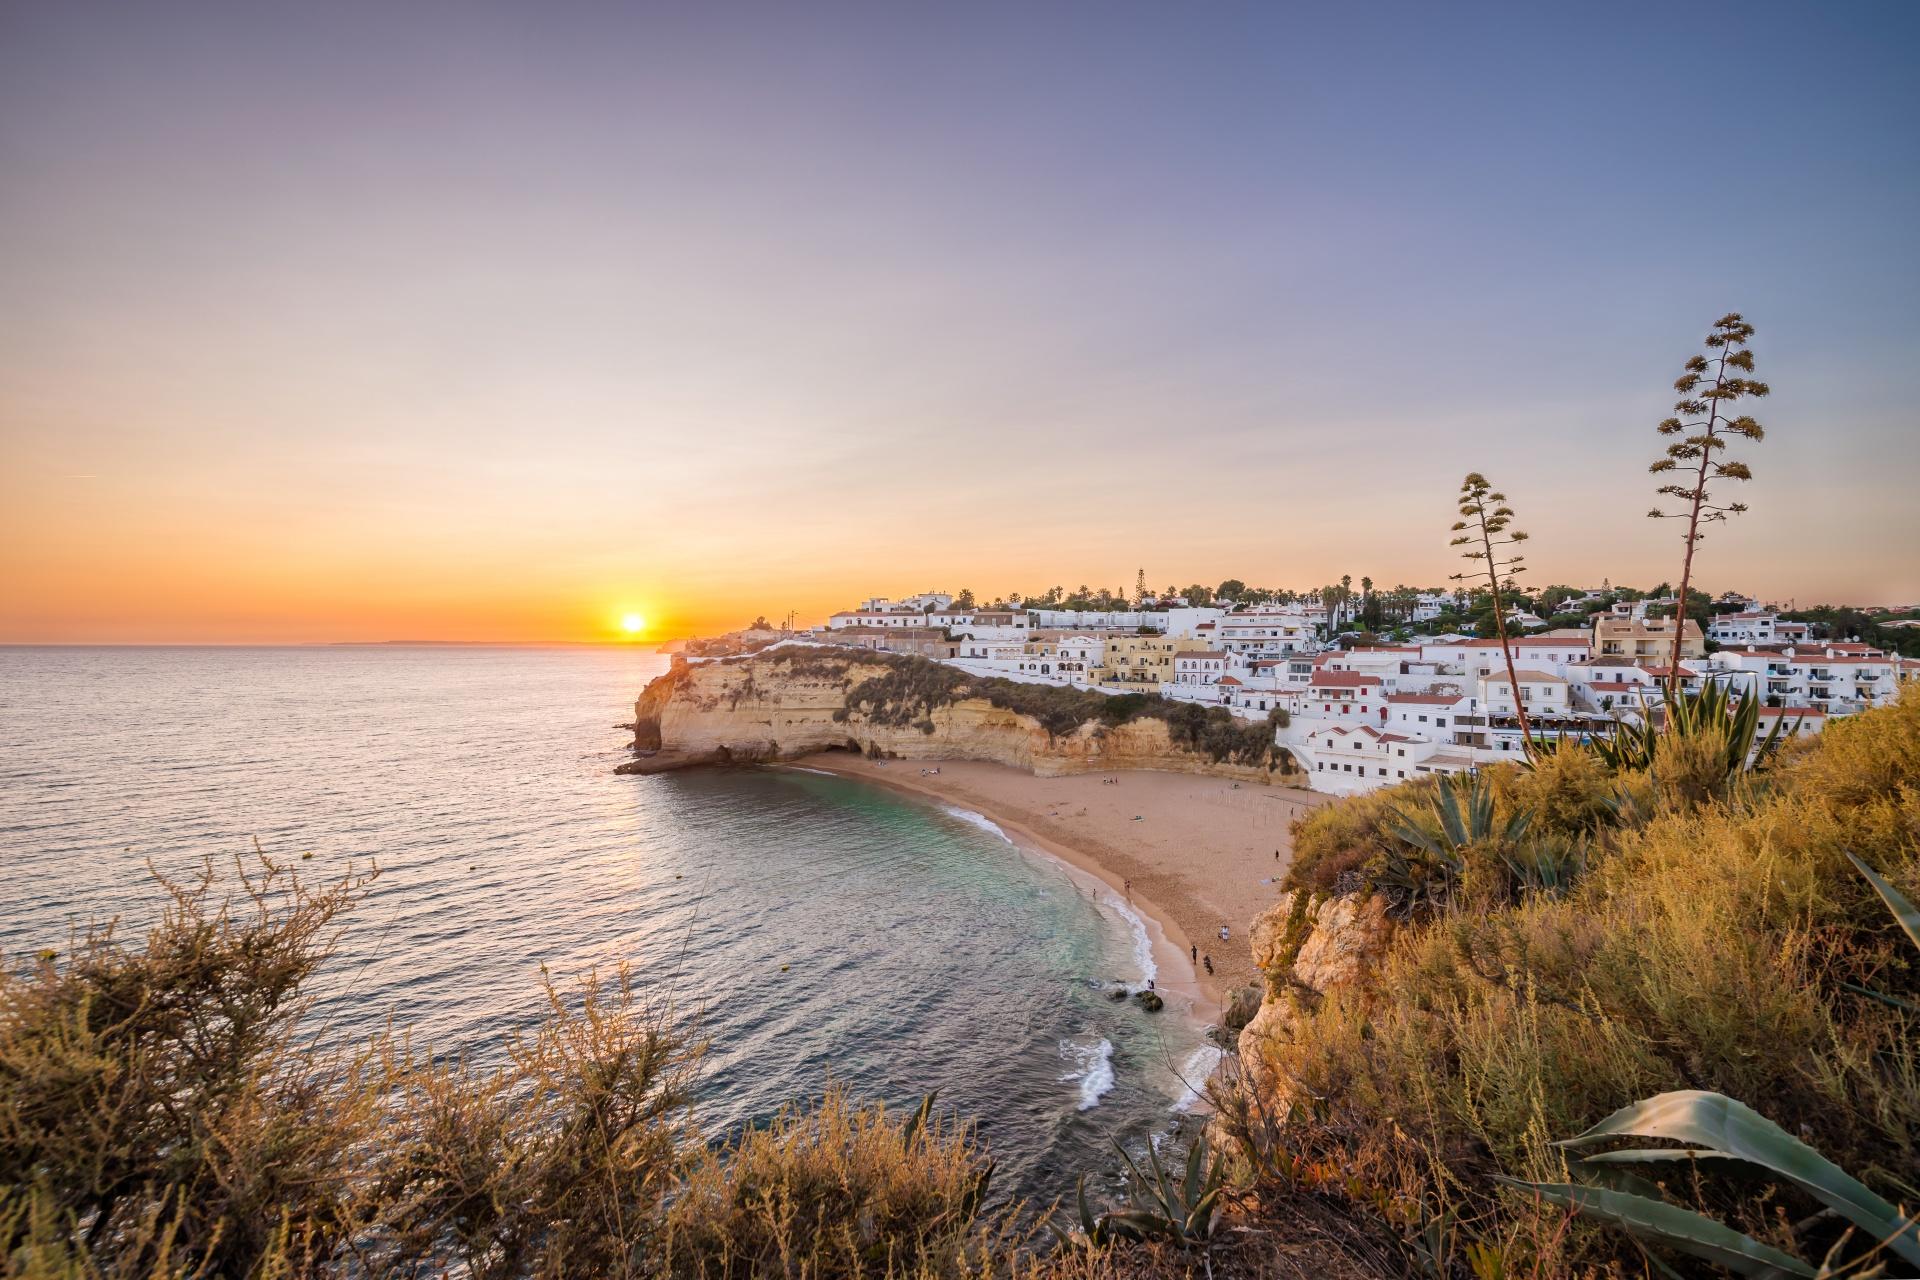 アルガルヴェの海岸の日没風景 ポルトガルの風景